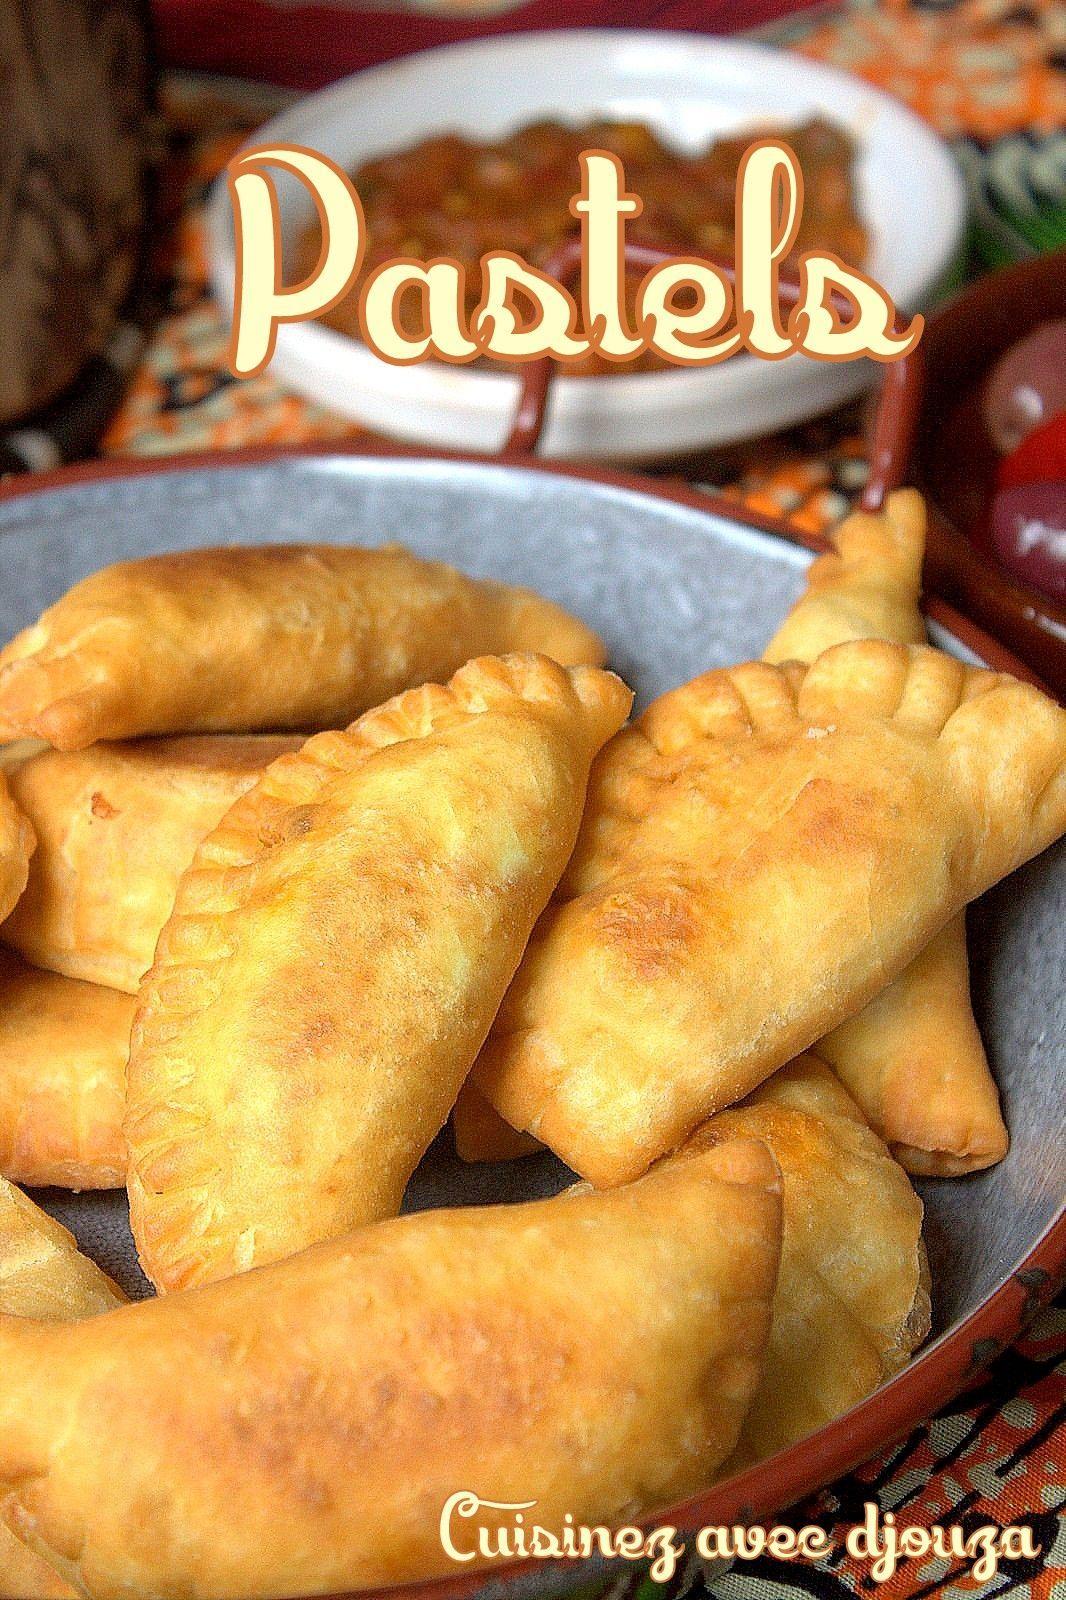 pastels ou fataya senegalaise a la viande Un beignet sénégalais en forme de chausson, farci à la viande hachée ou au thon. La recette de pastel sénégalaise est facile et délicieuse.Un beignet sénégalais en forme de chausson, farci à la viande hachée ou au thon. La recette de pastel sénégalaise est facile et délicieuse.